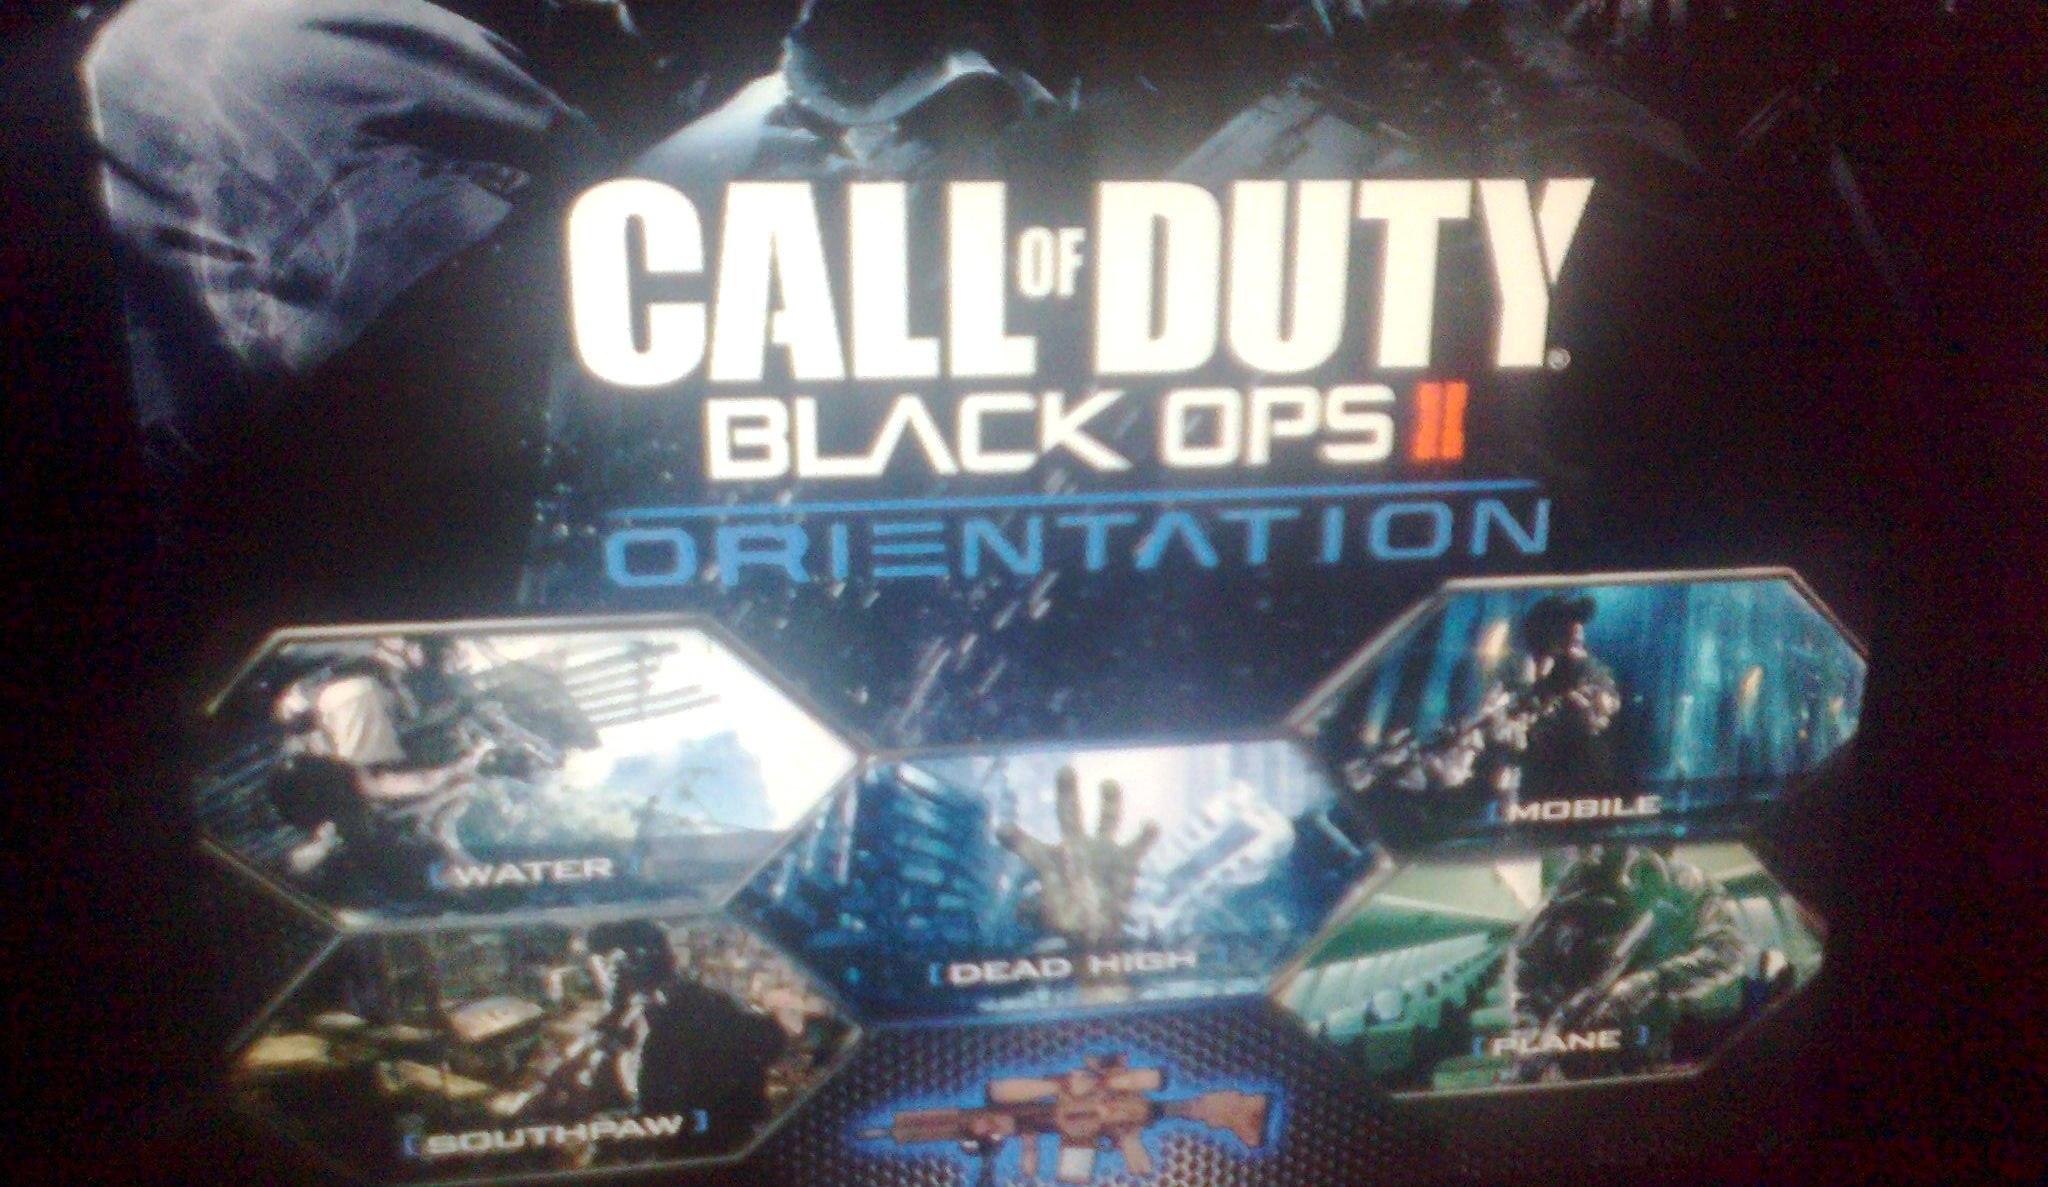 Call of Duty: Black Ops 2: Erstes Bildmaterial zum DLC Orientation?